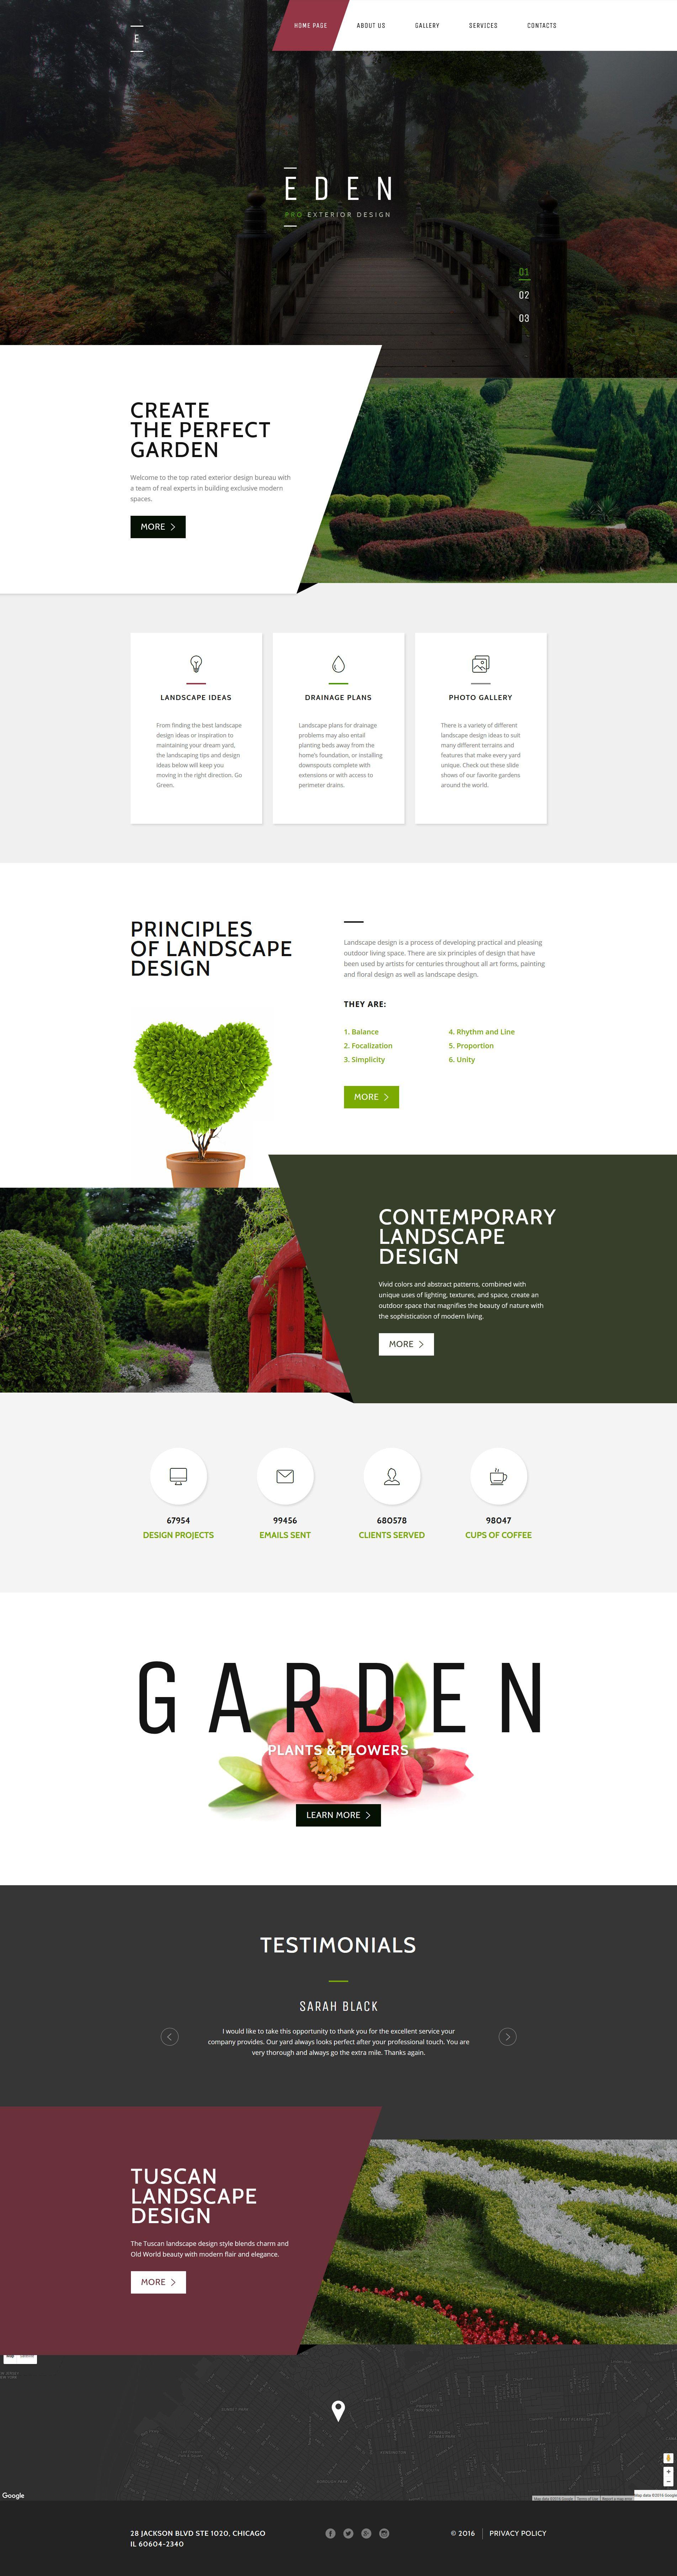 Garden Design Responsive Website Template Backgrounds